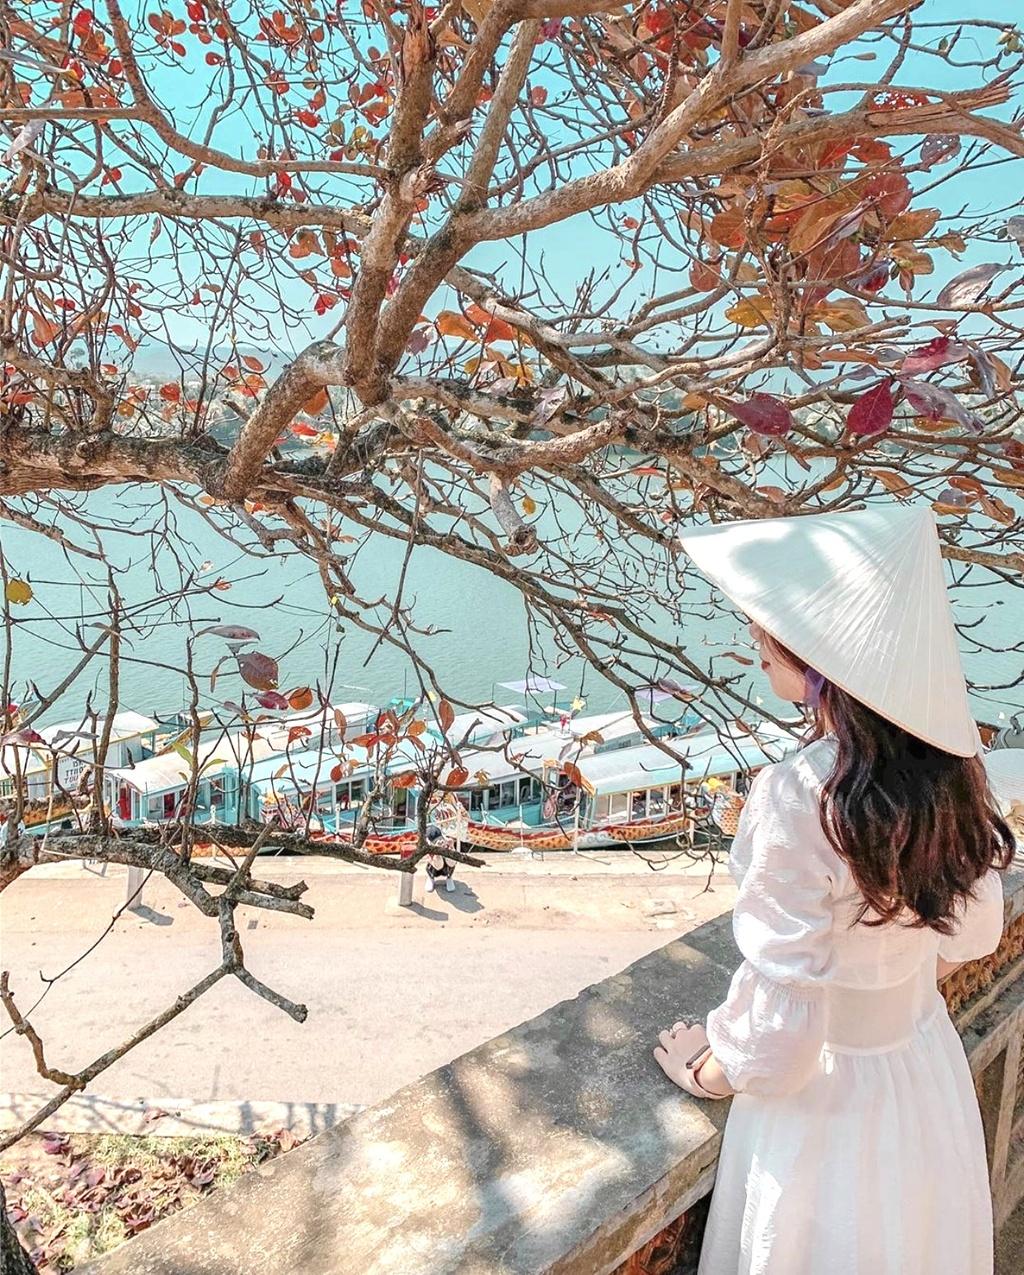 4 ngoi chua noi tieng, hut du khach check-in tai Viet Nam hinh anh 14 IMG_3547_1.jpg